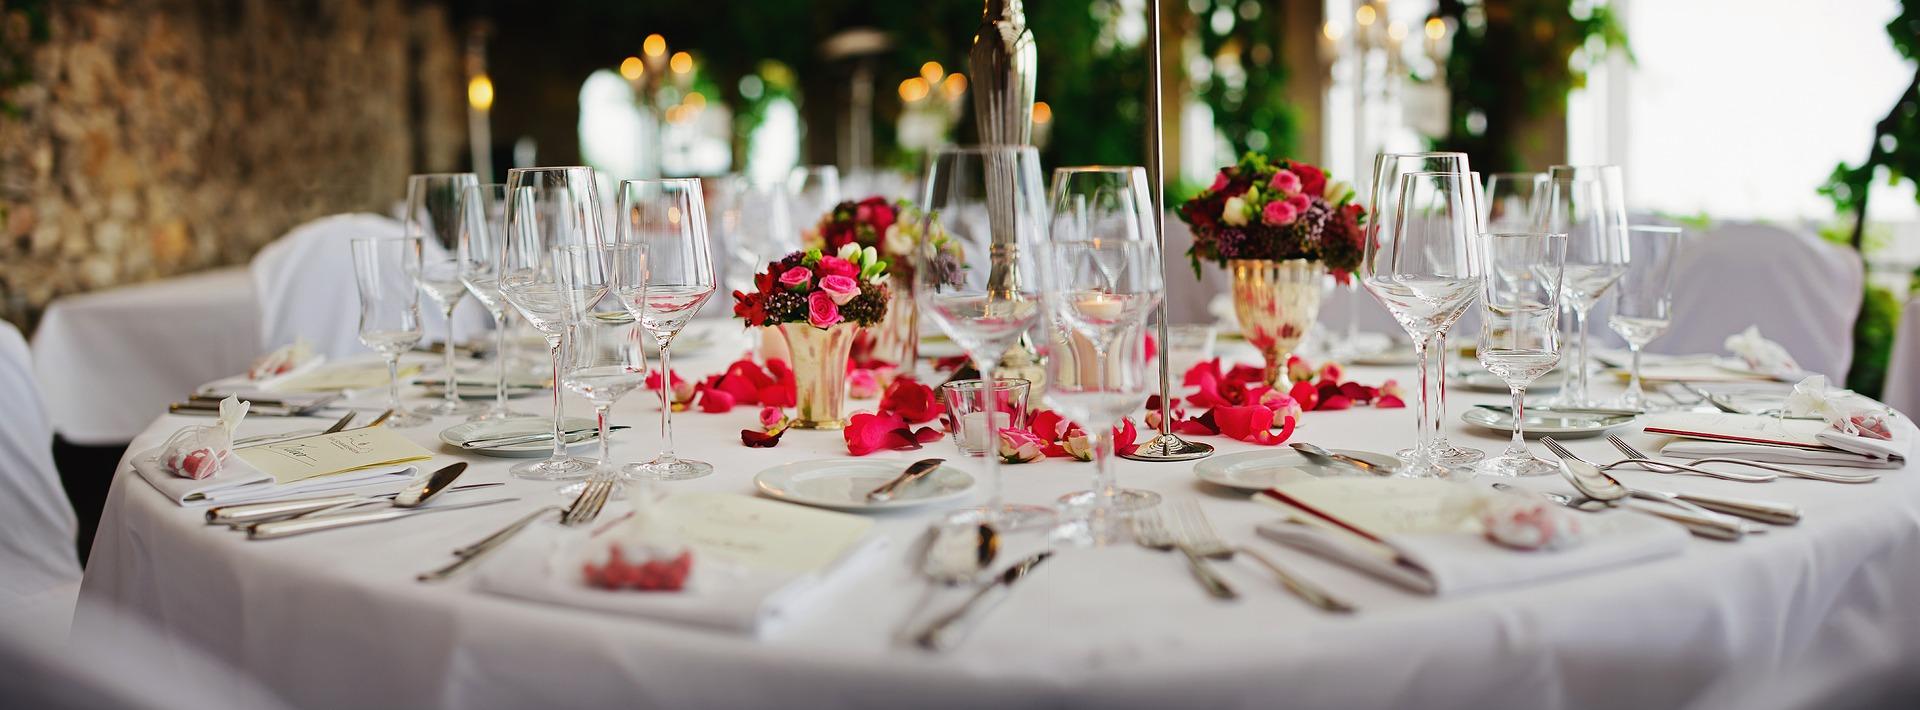 CerroneNozze wedding boutique wedding stationery matrimoni roma